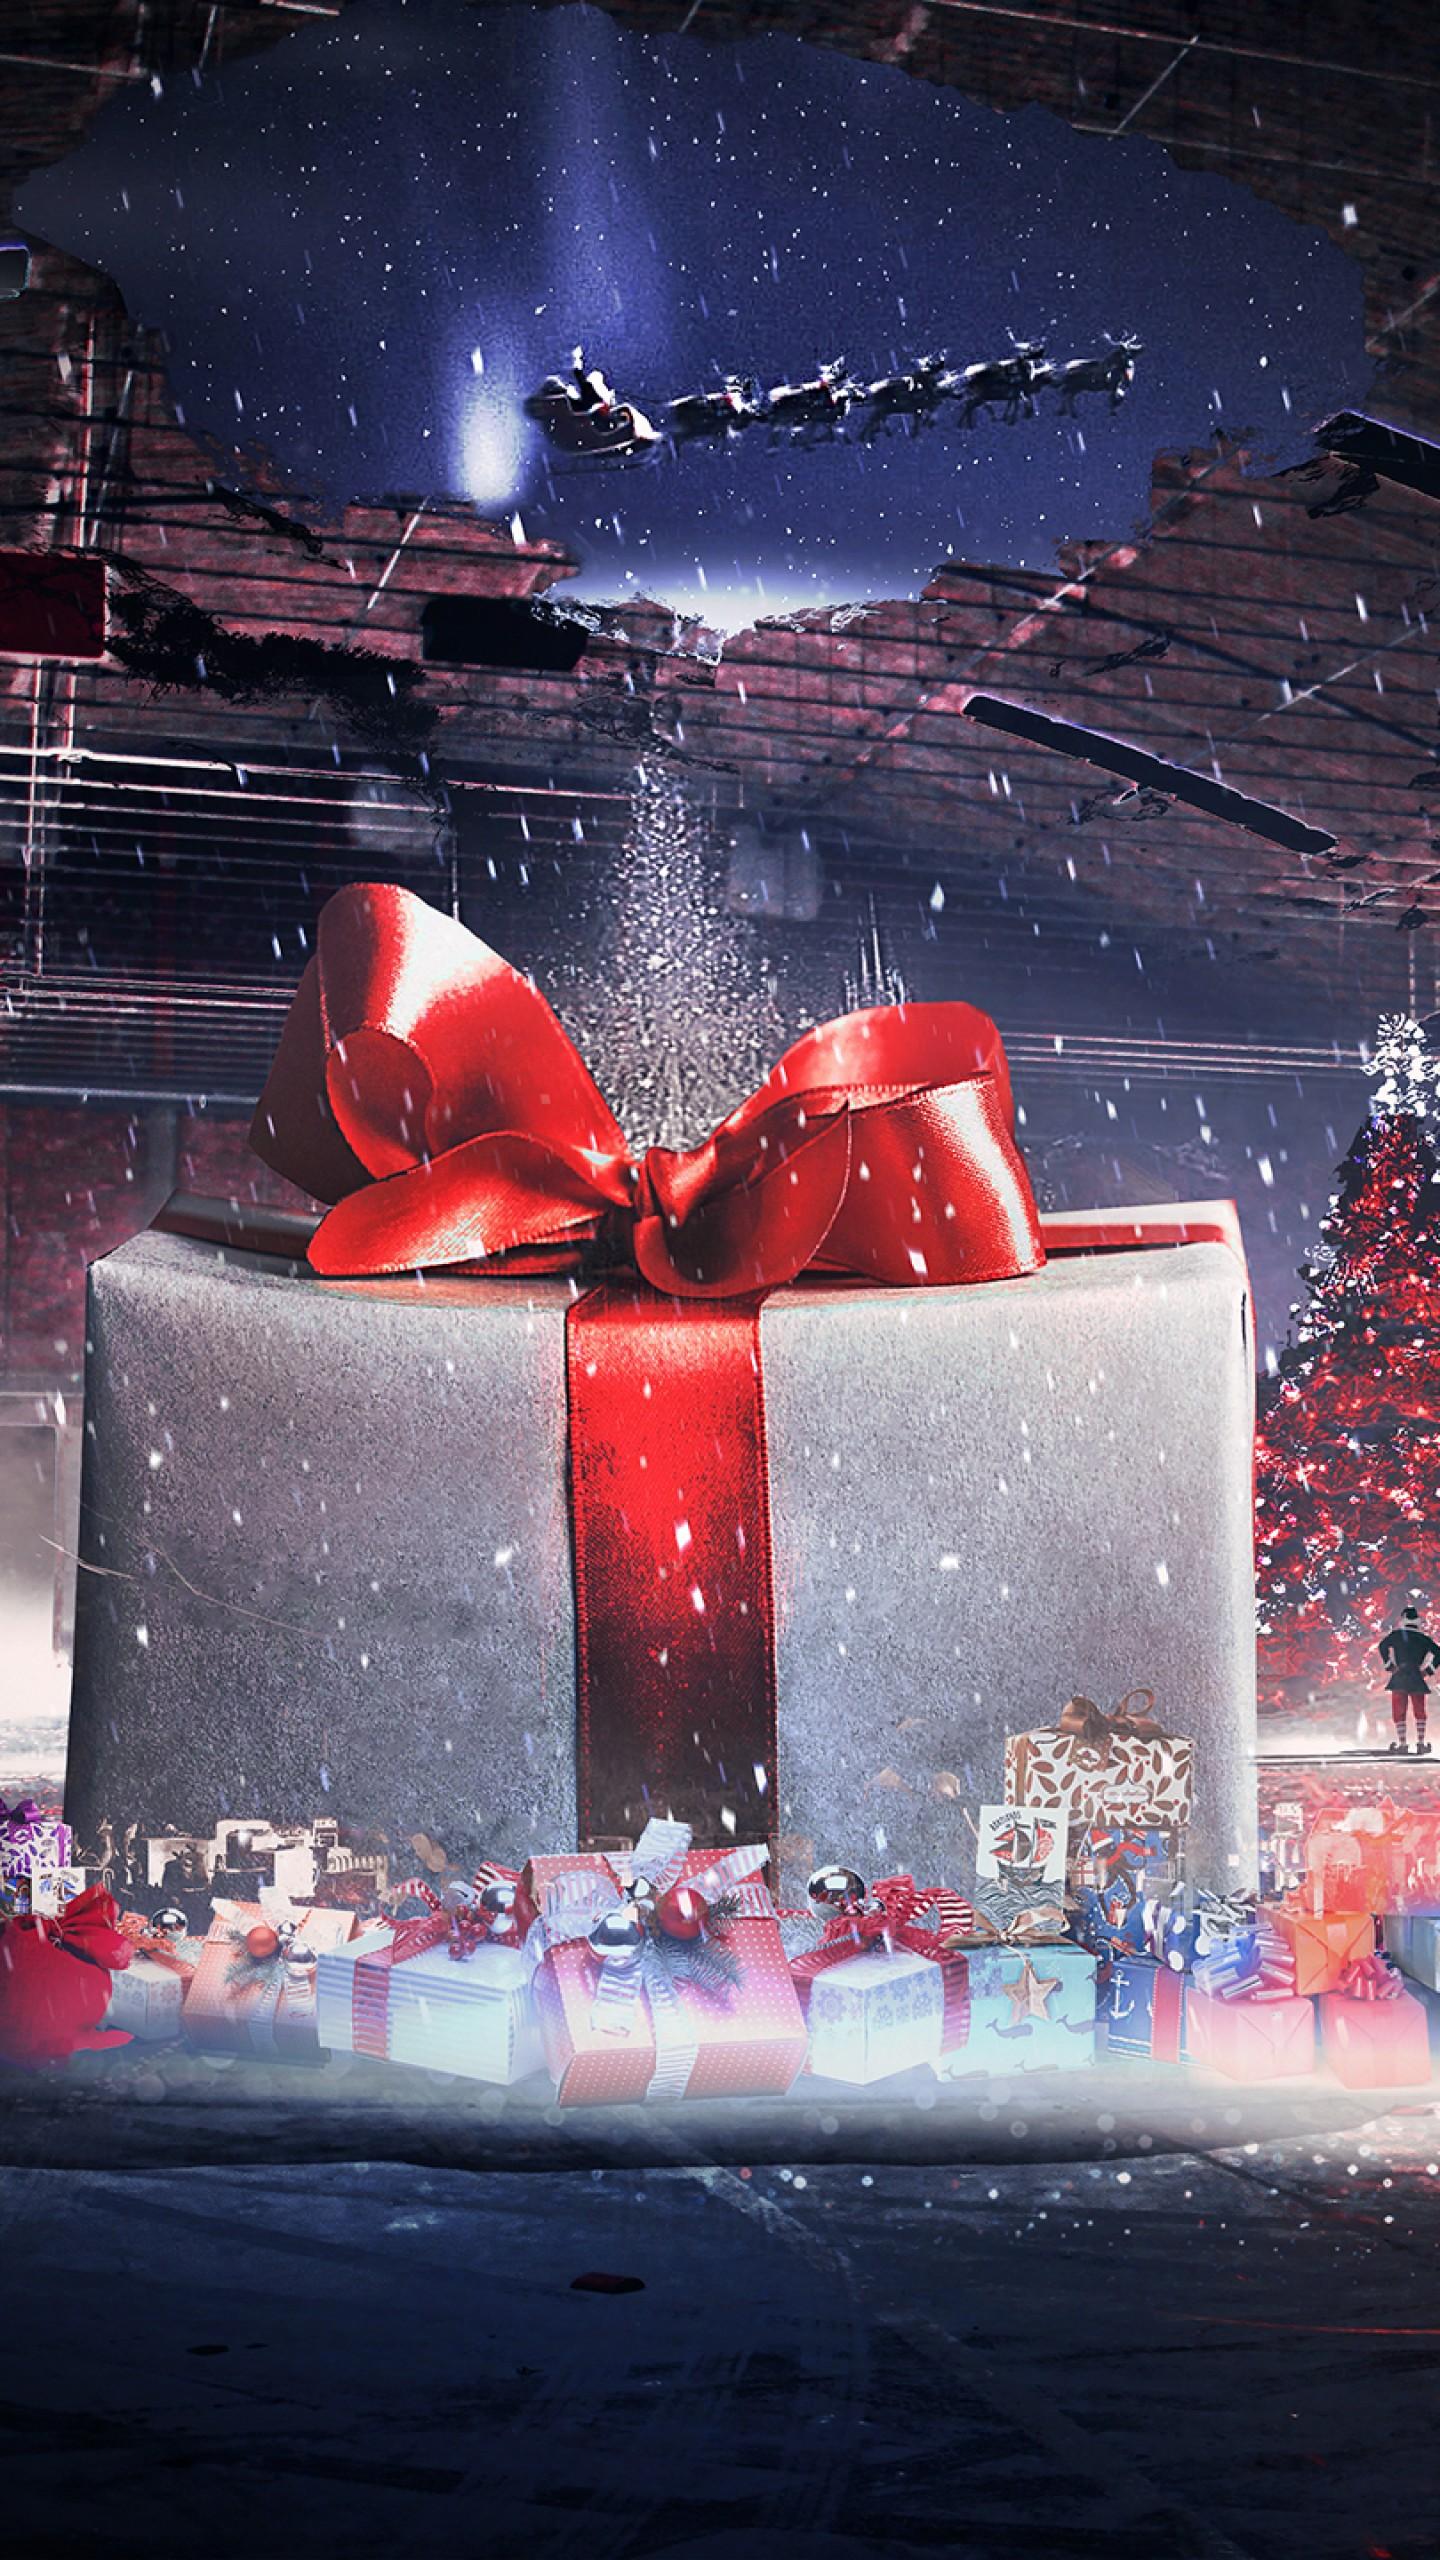 عکس زمینه هدایای بزرگ شب کریسمس پس زمینه